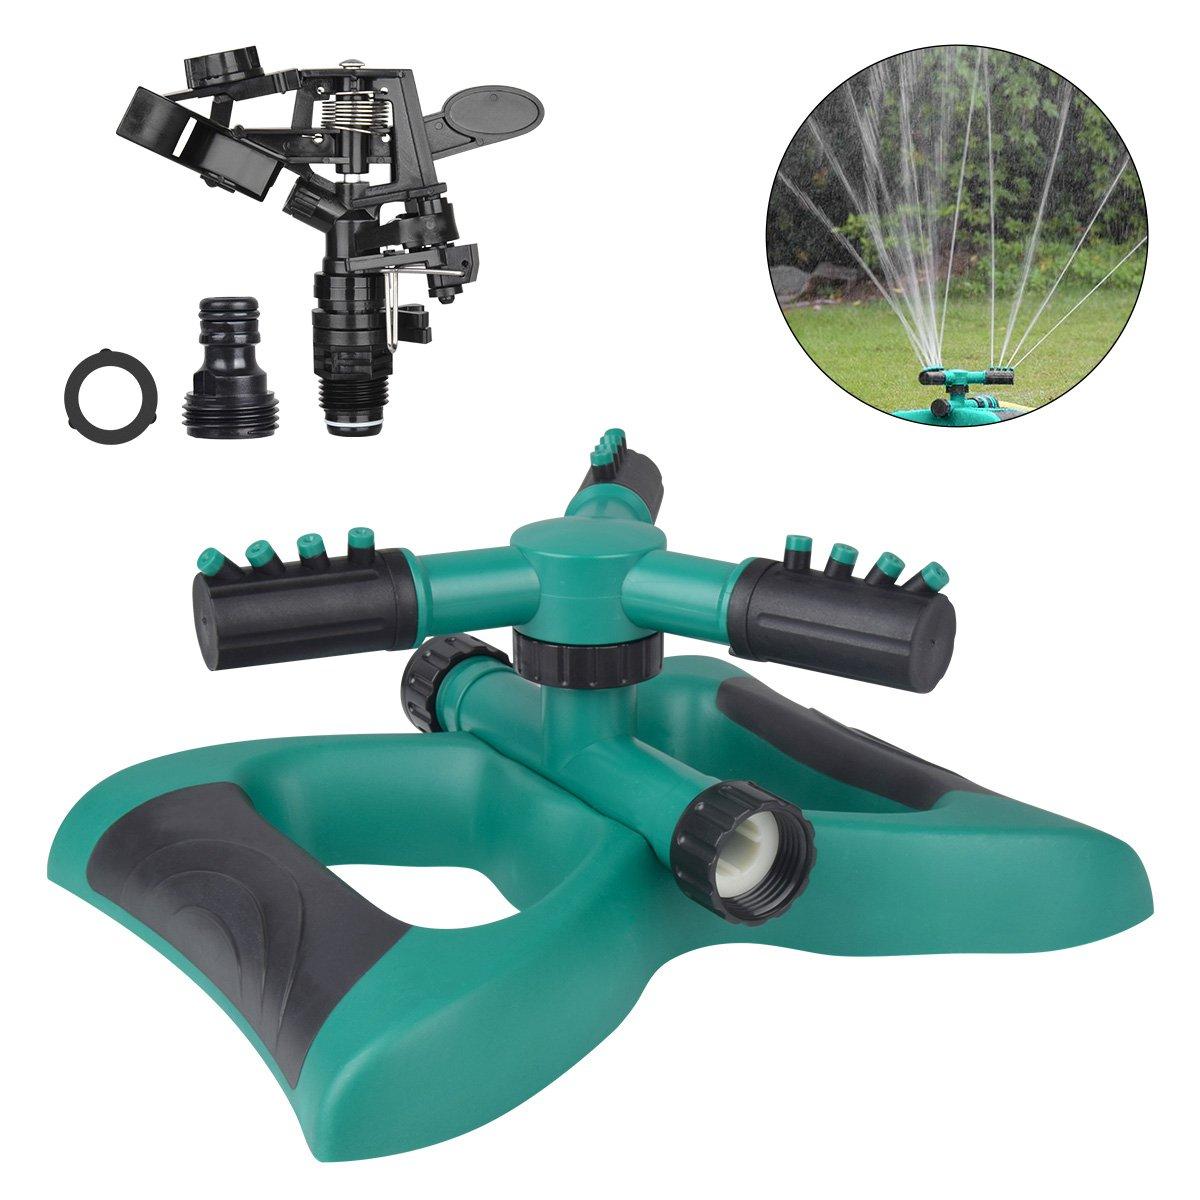 TZCER Lawn Sprinkler 360 Degree Automatic Rotating Sprinkler Head Adjustable Sprinklers for Garden,Lawns Irrigation System 3 Arm Sprayer Water Sprinklers 3600 SQ FT Coverage Impact Sprinkler